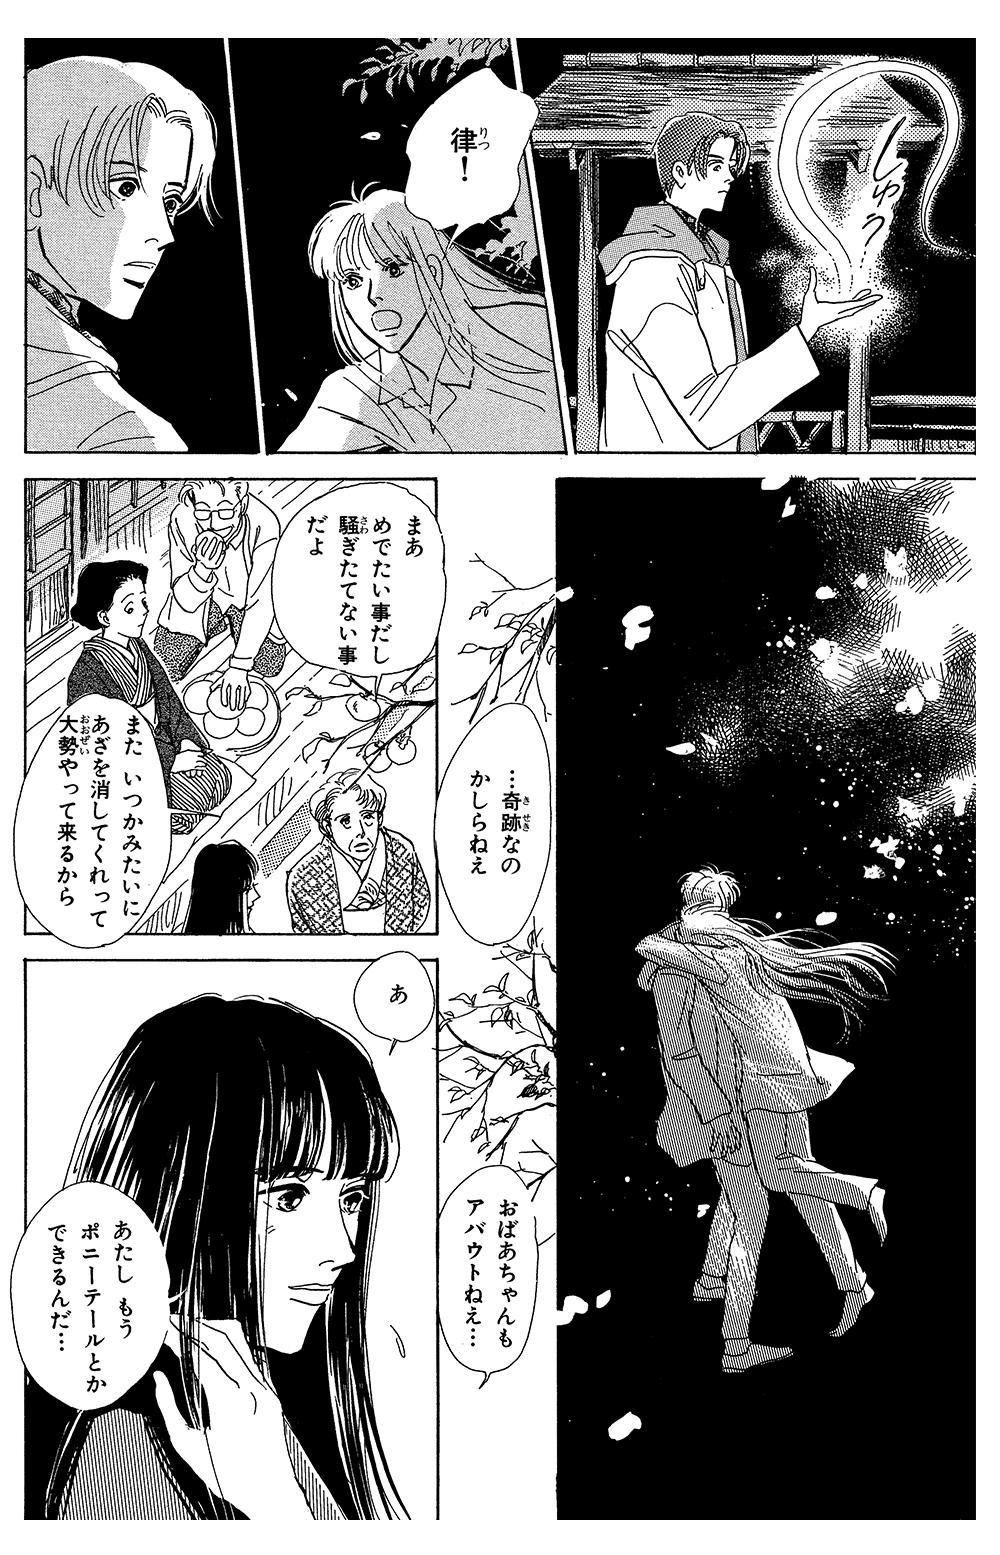 百鬼夜行抄 第1話「闇からの呼び声」⑤hyakki1-5-13.jpg